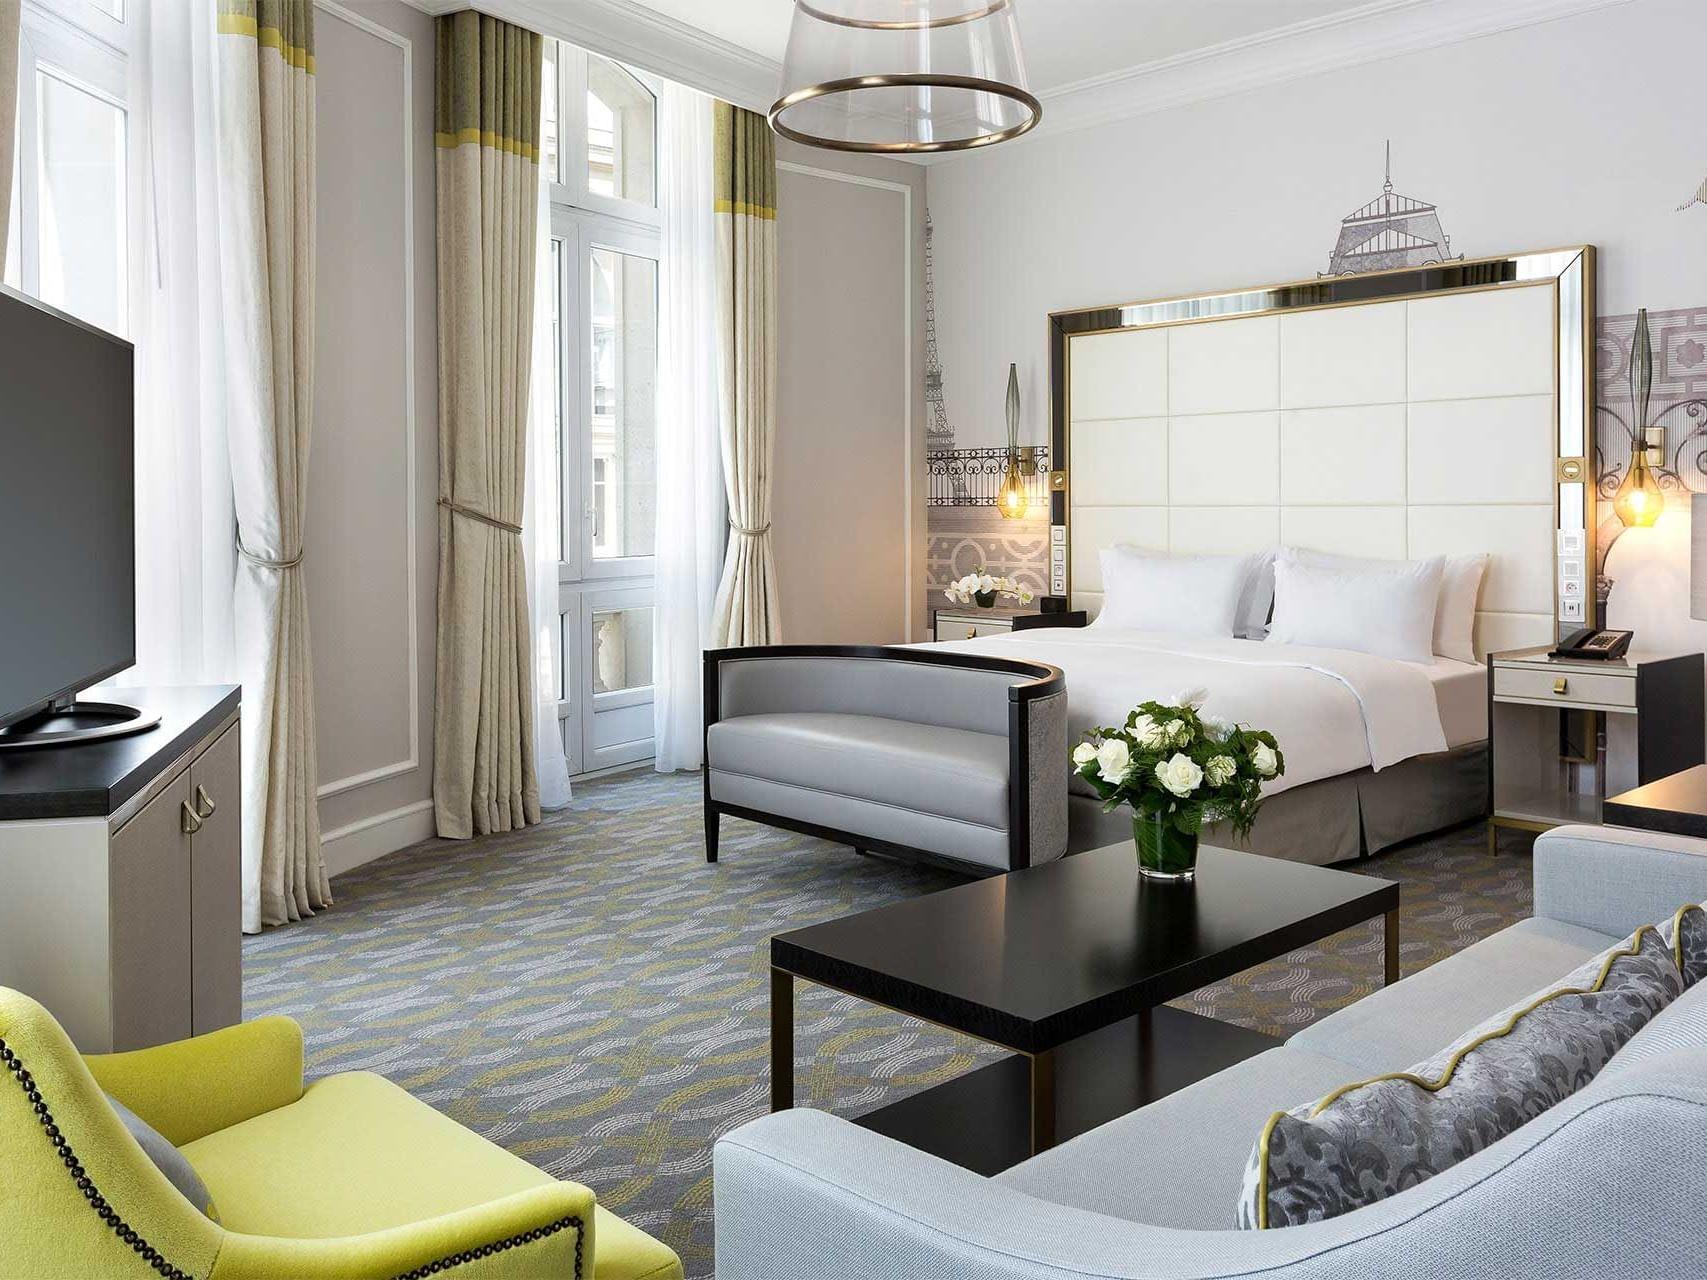 King Junior Suite Bed & furniture at Hilton Paris Opera Hotel